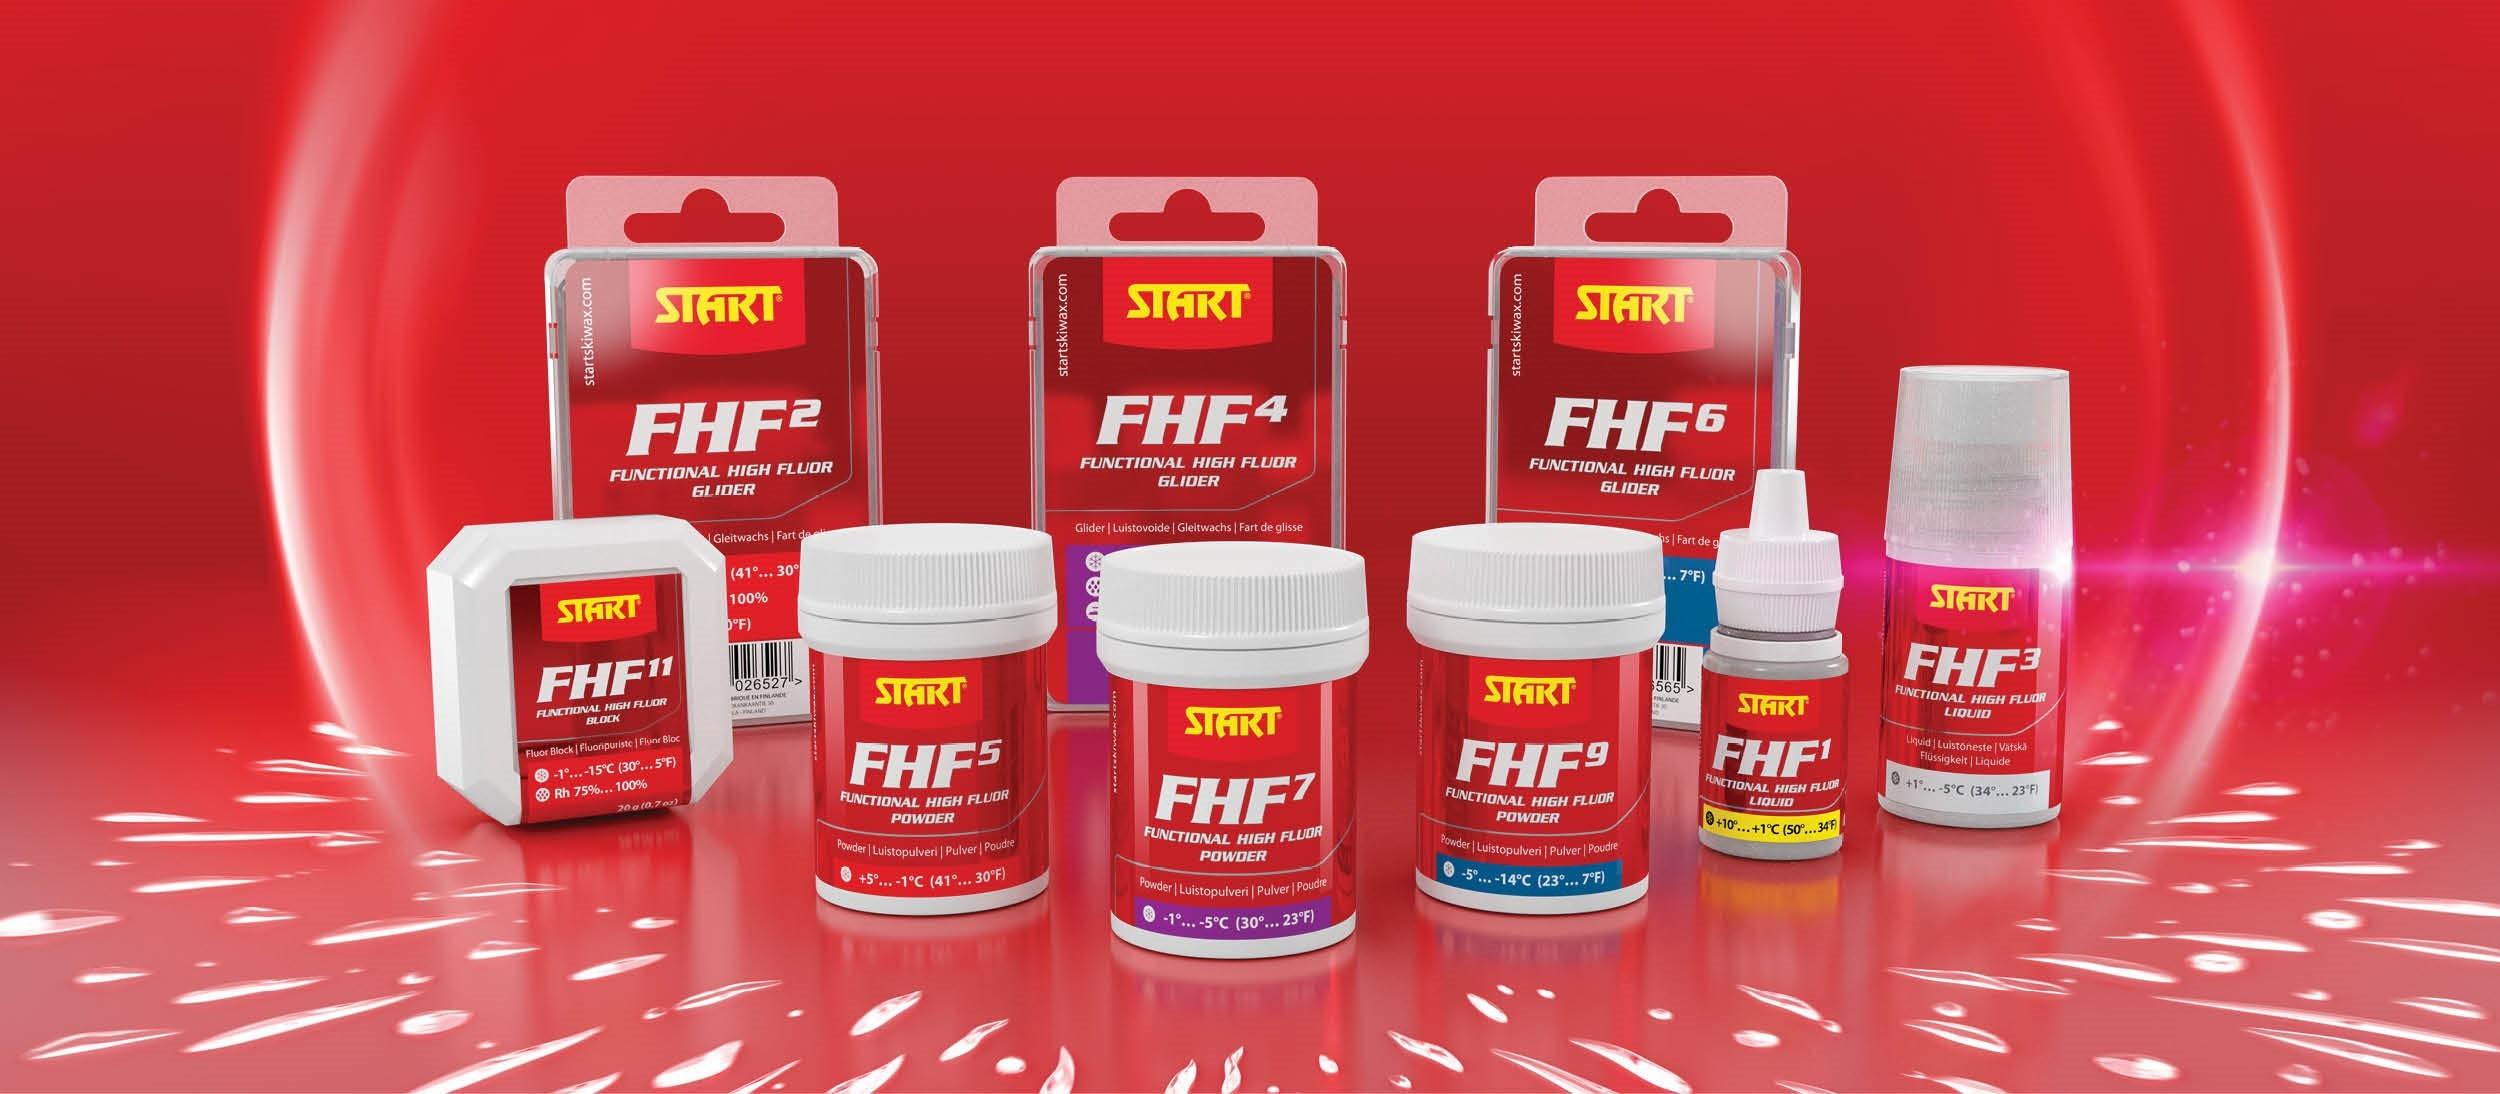 FHF High Flour